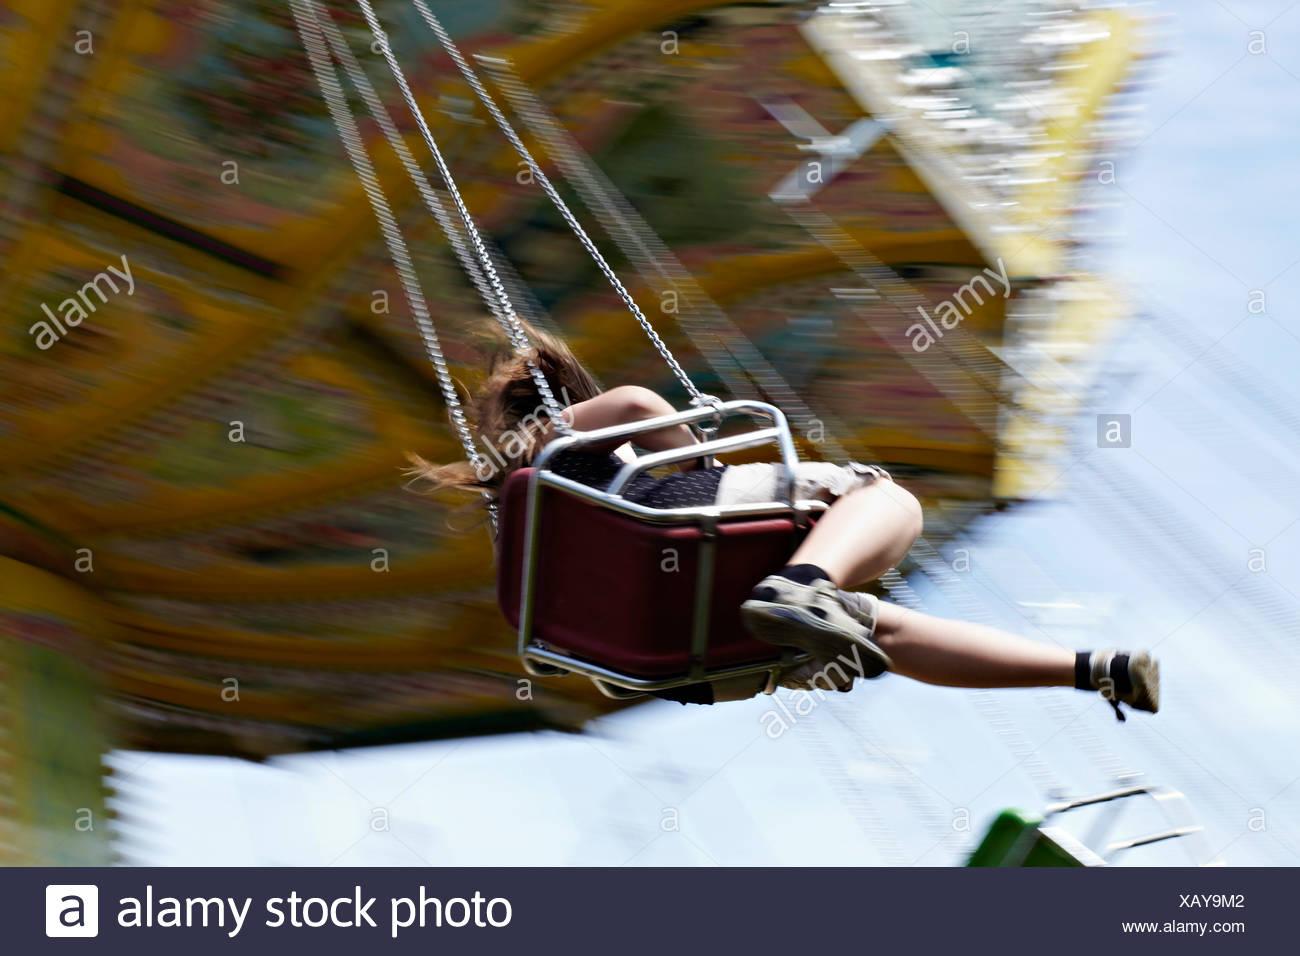 Girl  Sitting On Amusement Park Ride, Bad Woerishofen, Bavaria, Germany, Europe - Stock Image